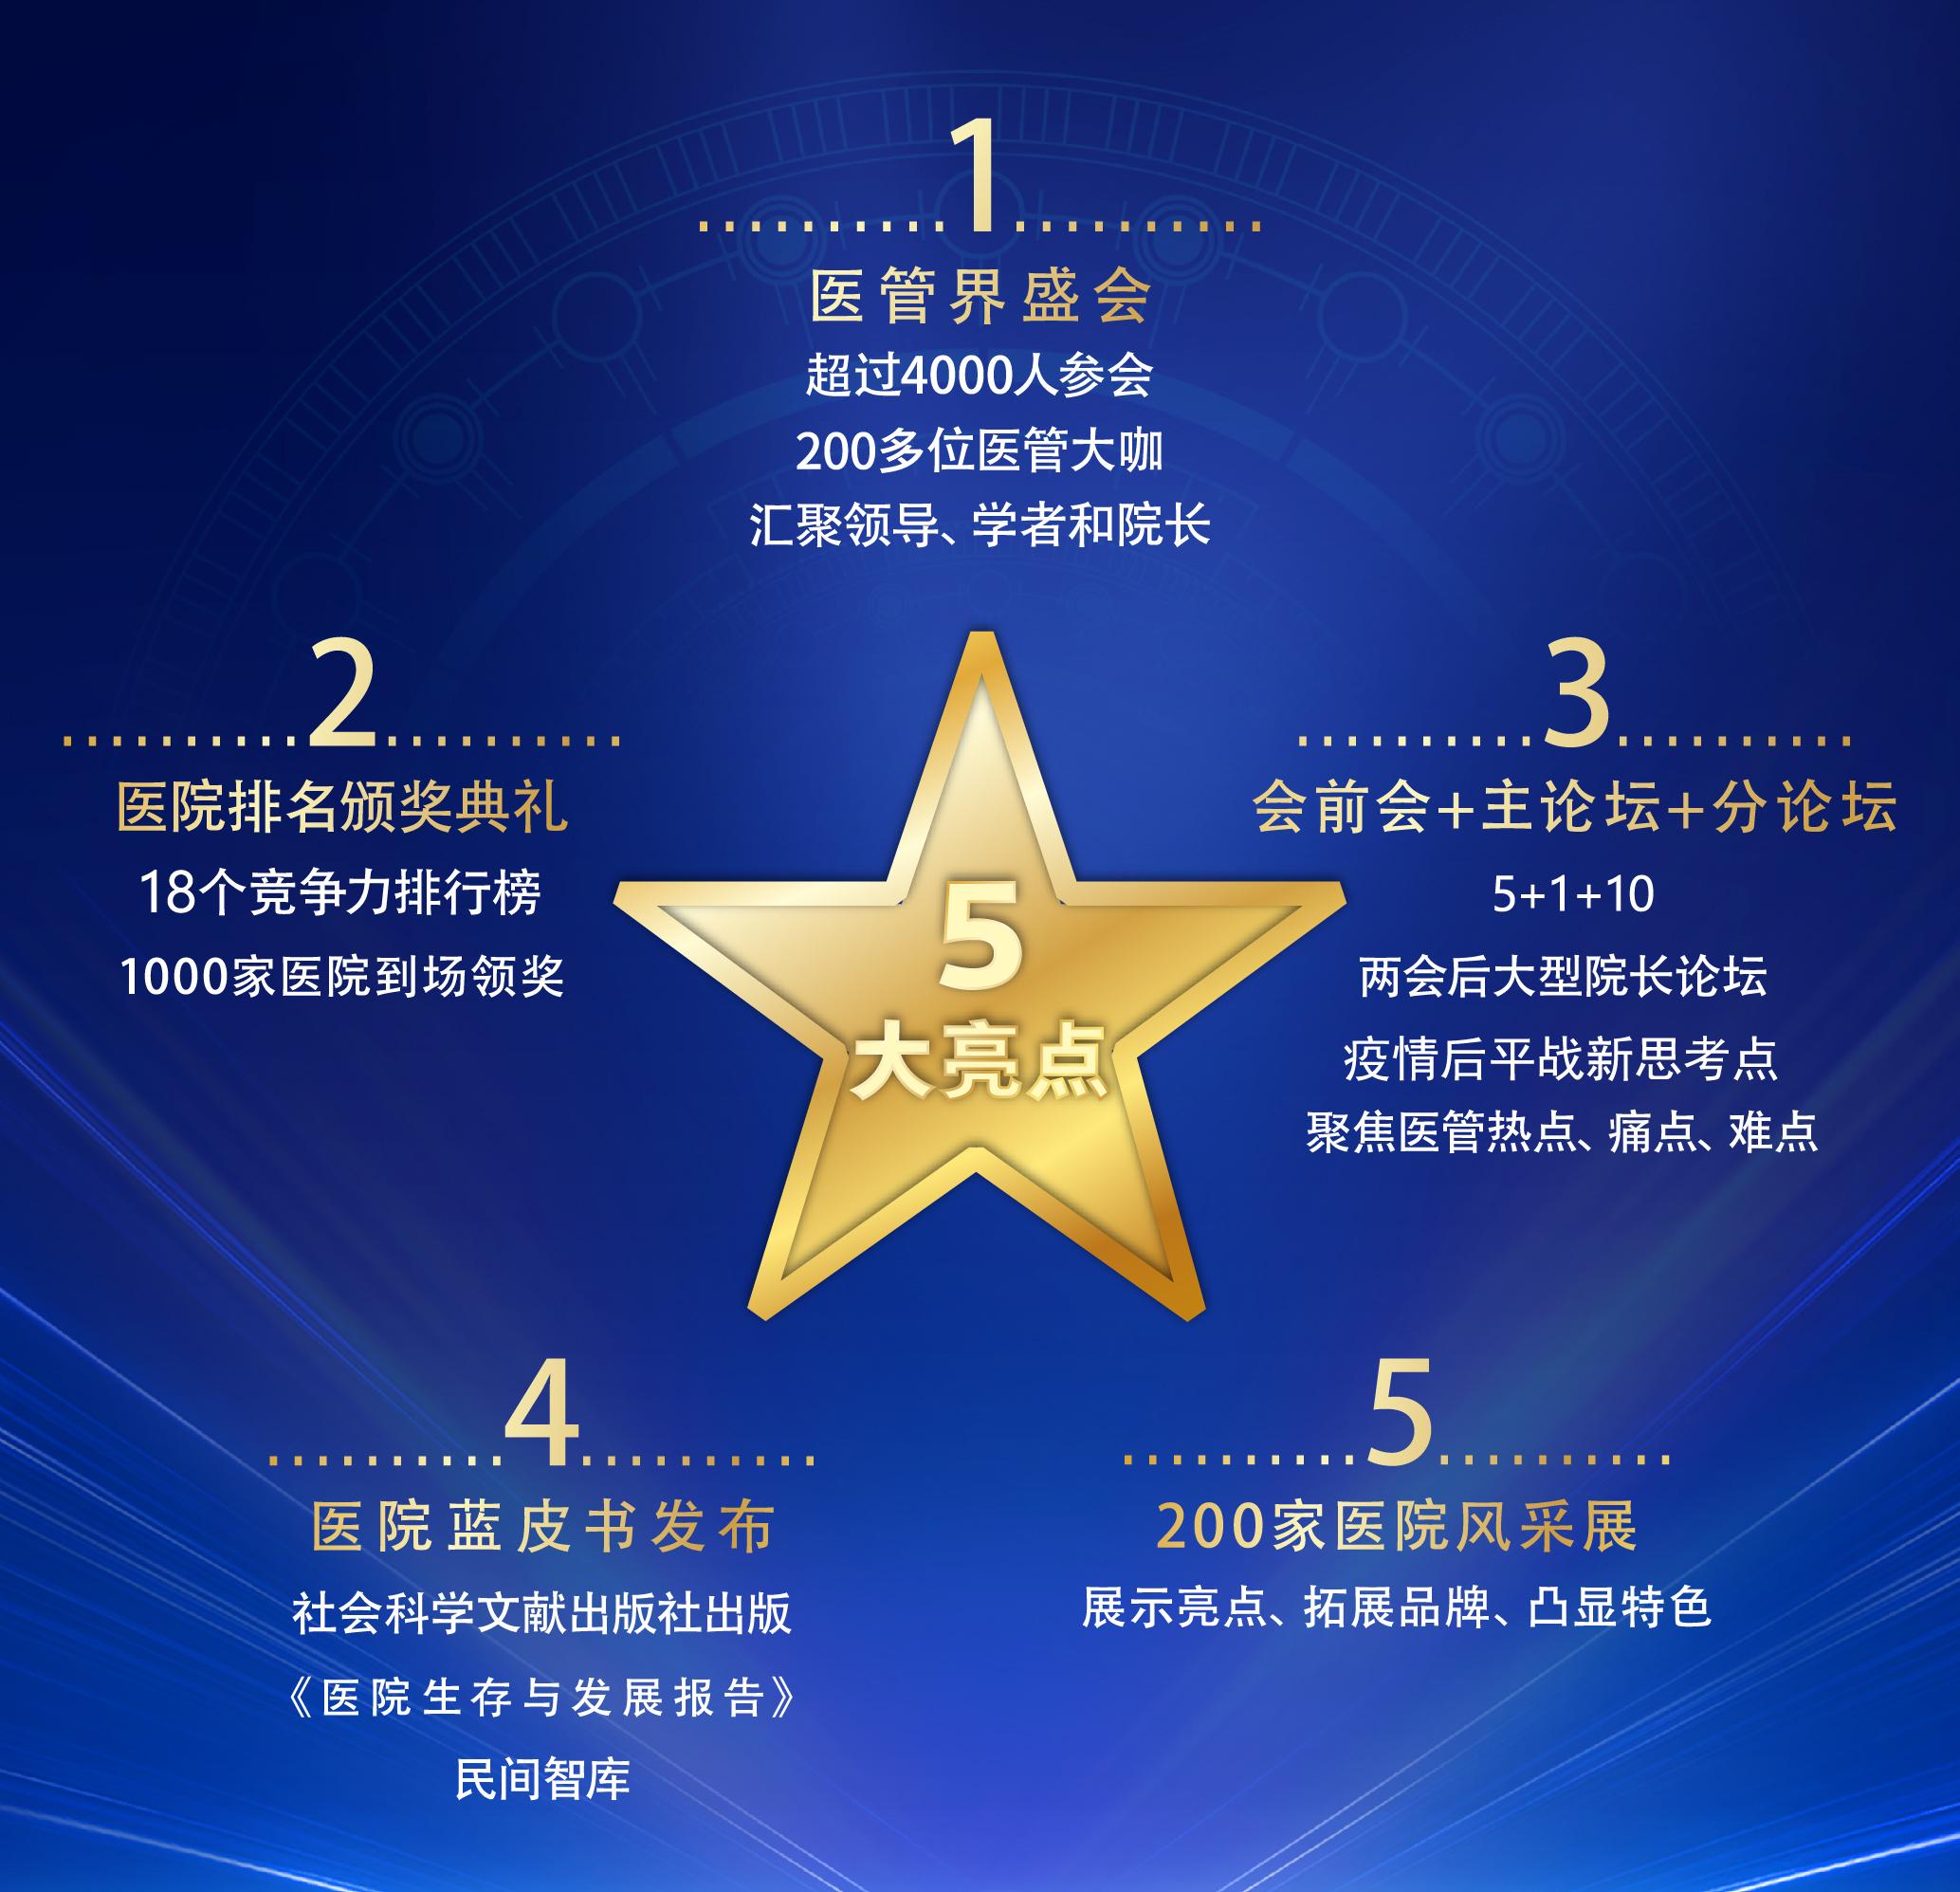 2020中国医院竞争力大会